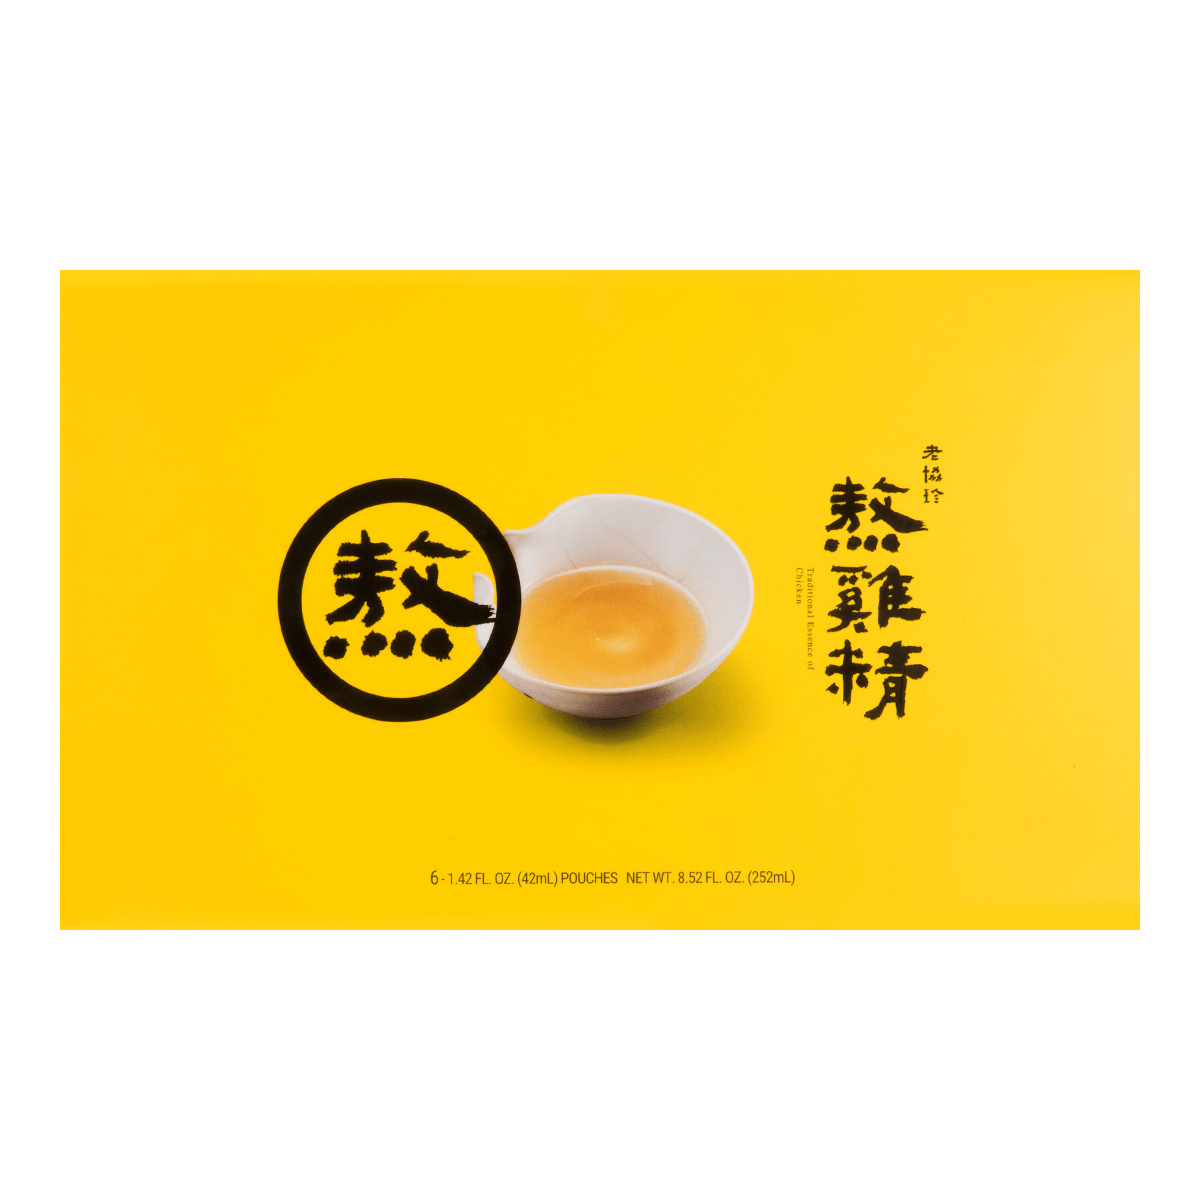 【增强免疫力】 台湾老协珍 传统熬鸡精 42ml x 6袋入 怎么样 - 亚米网